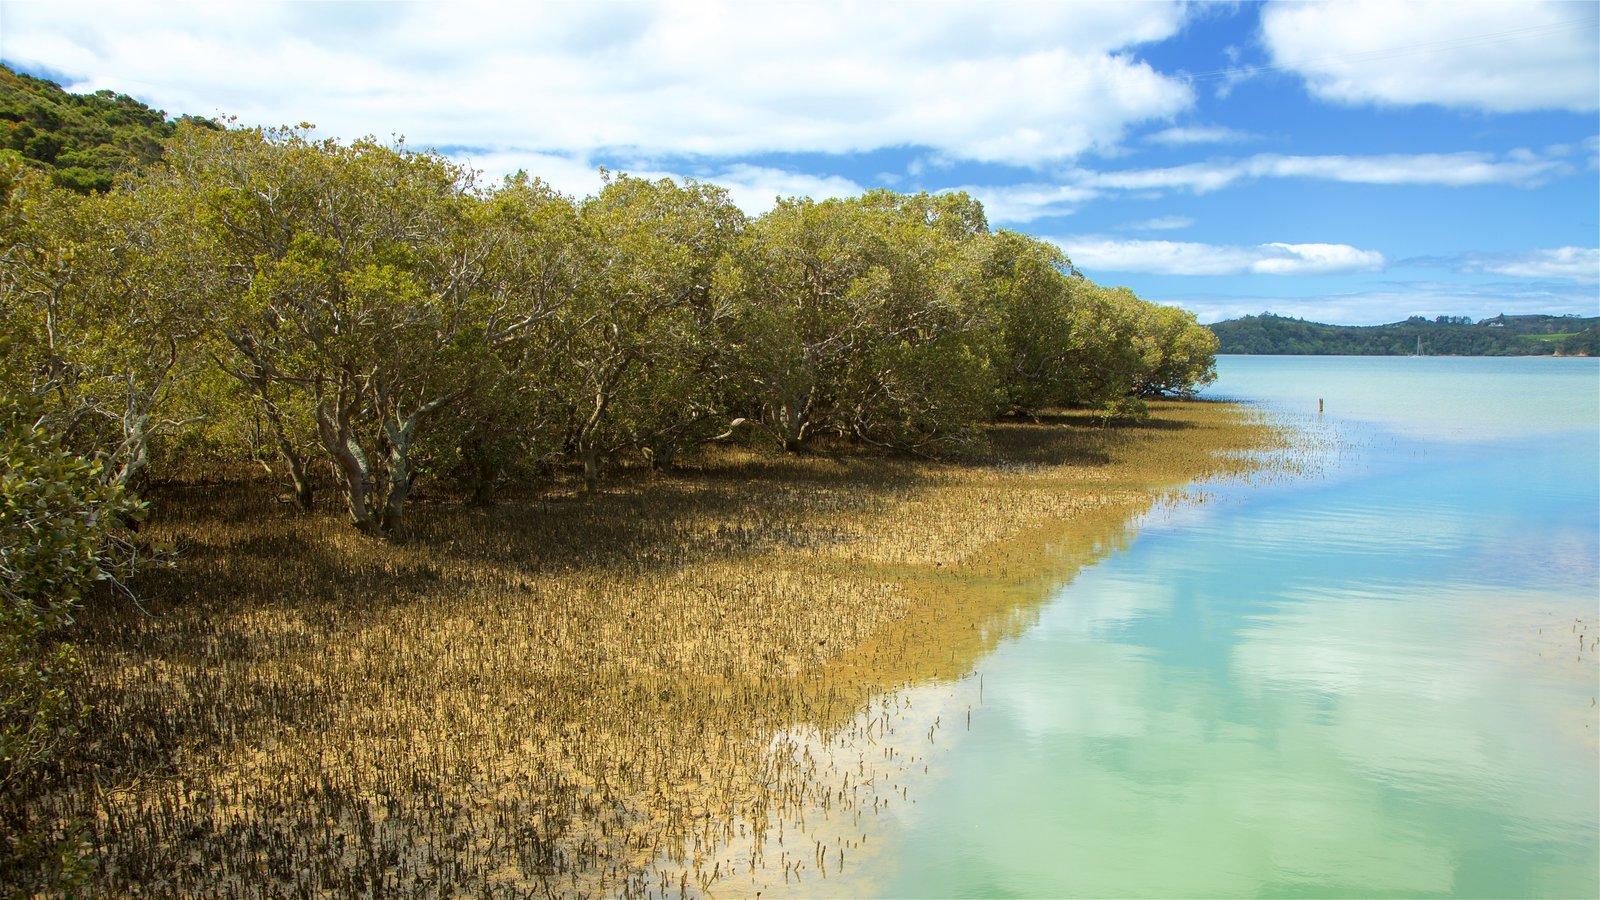 Paihia ofreciendo vistas generales de la costa, manglares y una bahía o puerto